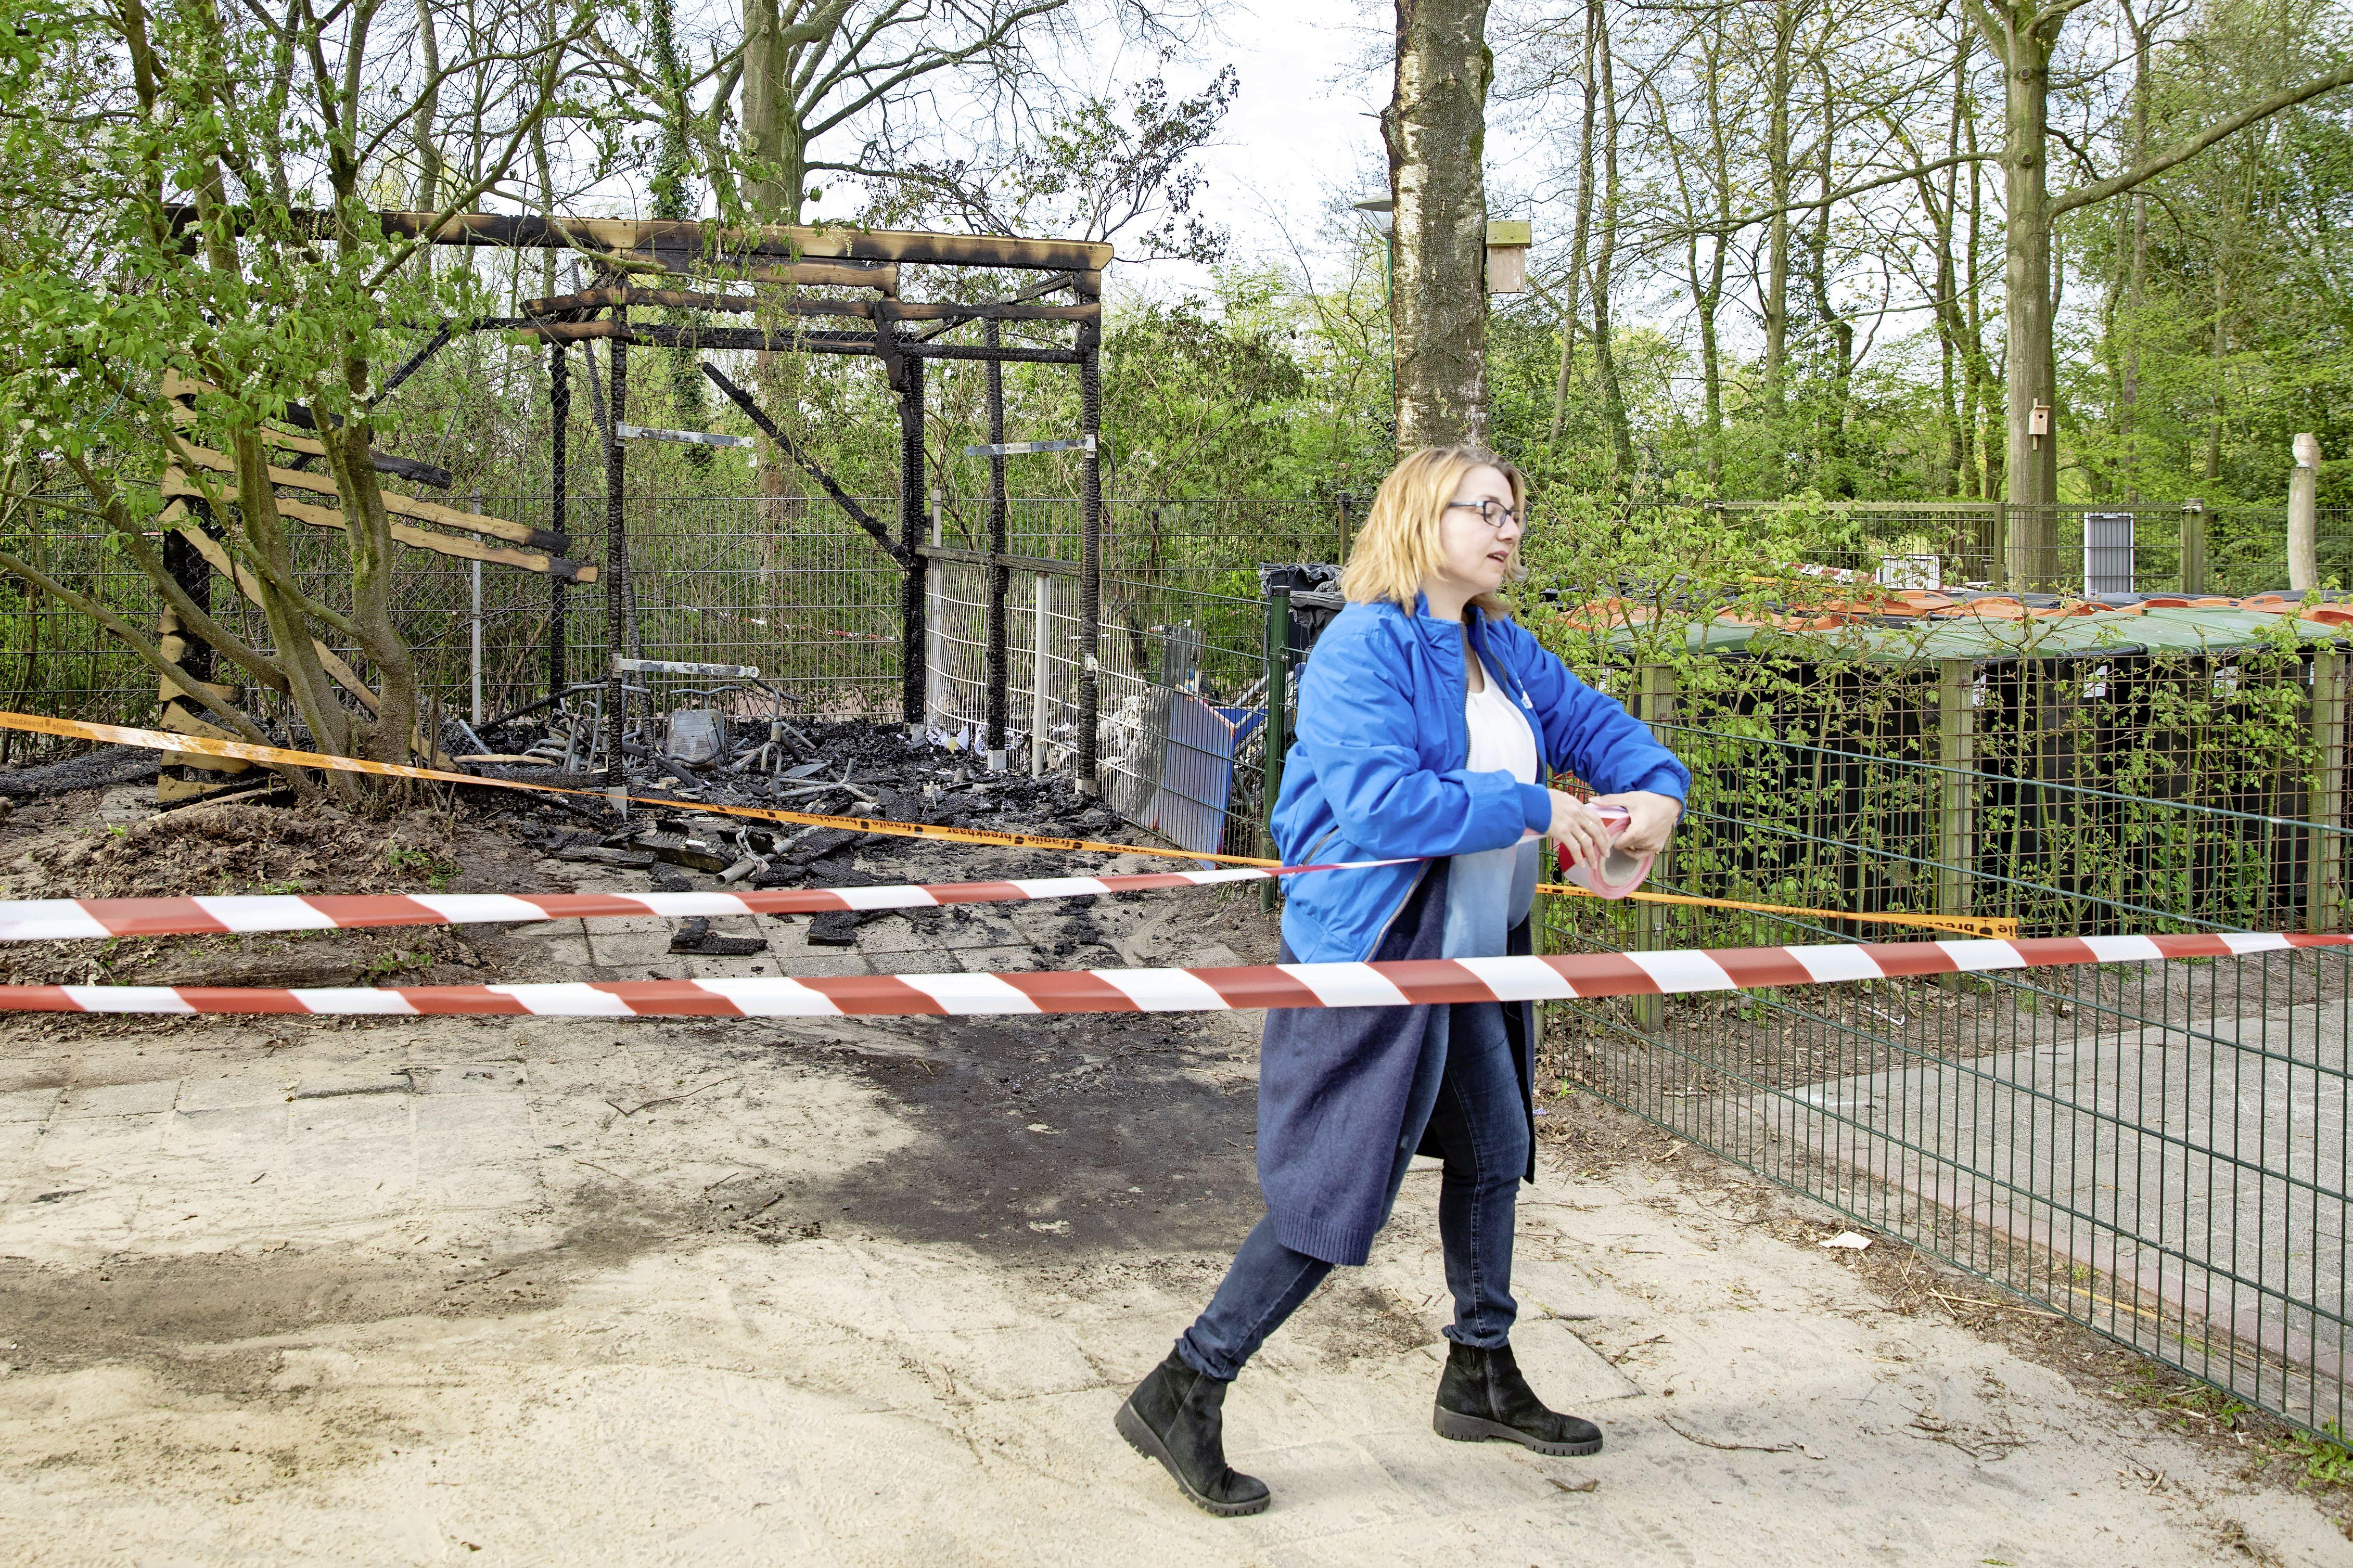 De brand in het fietsschuurtje van de kinderopvang in Eemnes lijkt te zijn ontstaan door vuurwerk; 'Dit zagen we op onze camerabeelden'